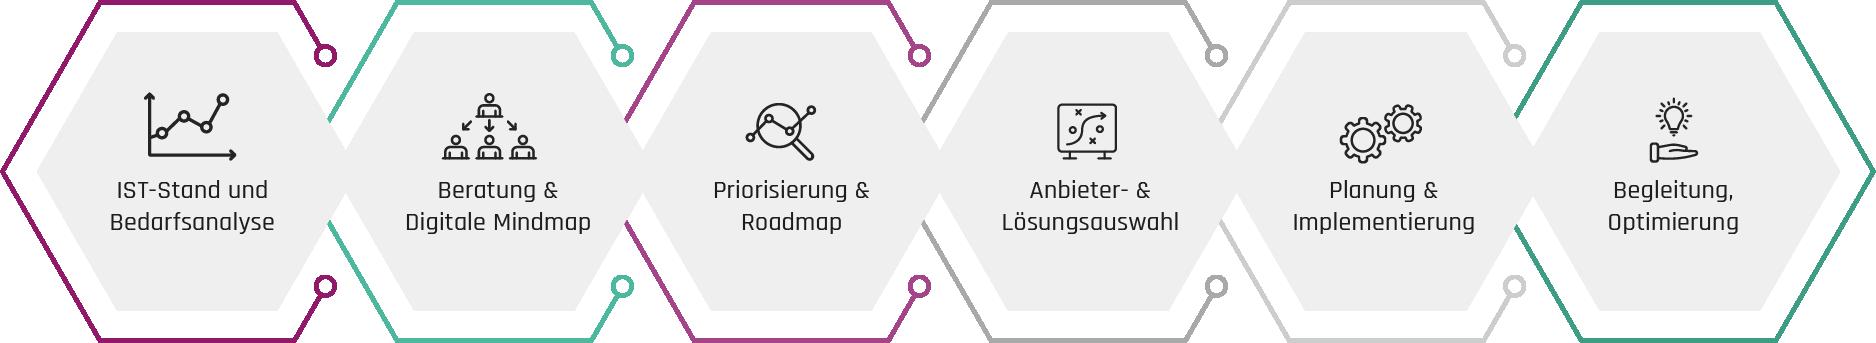 Die Digitalbegleiter - Beitragsbild - Digitalisierung mittelständischer Unternehmen im Dreiklang von Mensch IT und Strategie